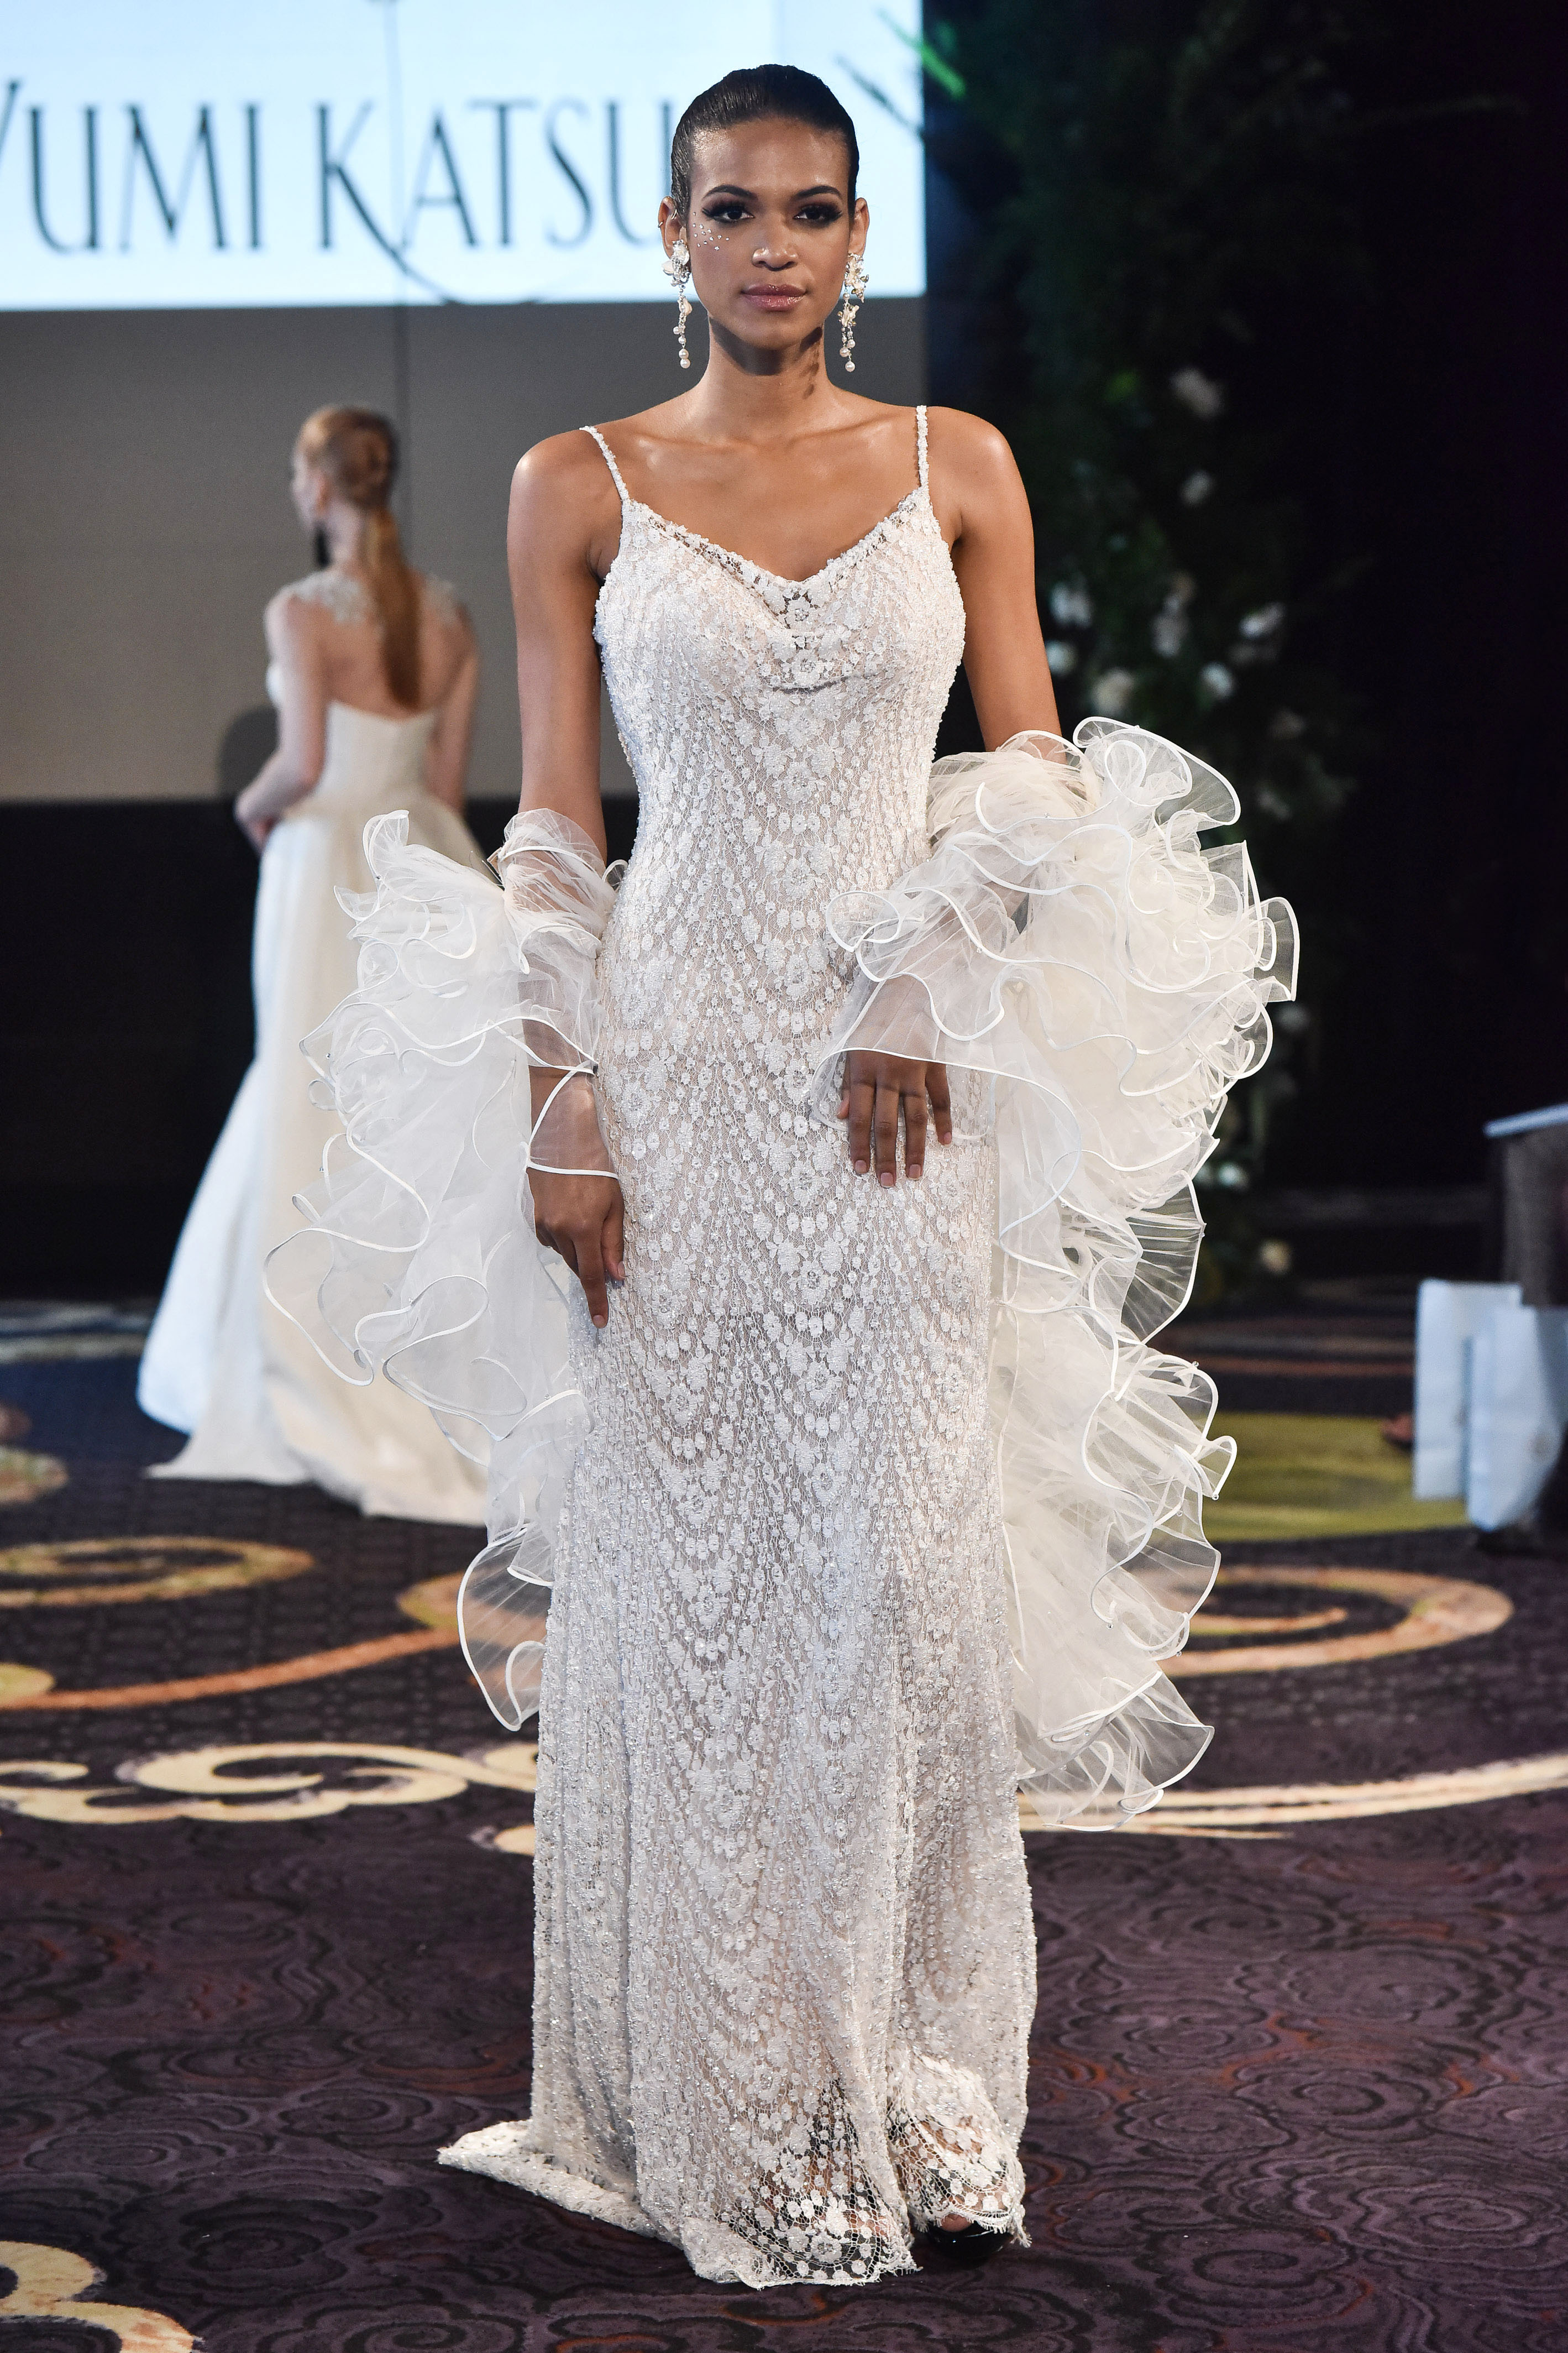 yumi katsura lace wedding dress with spaghetti straps fall 201